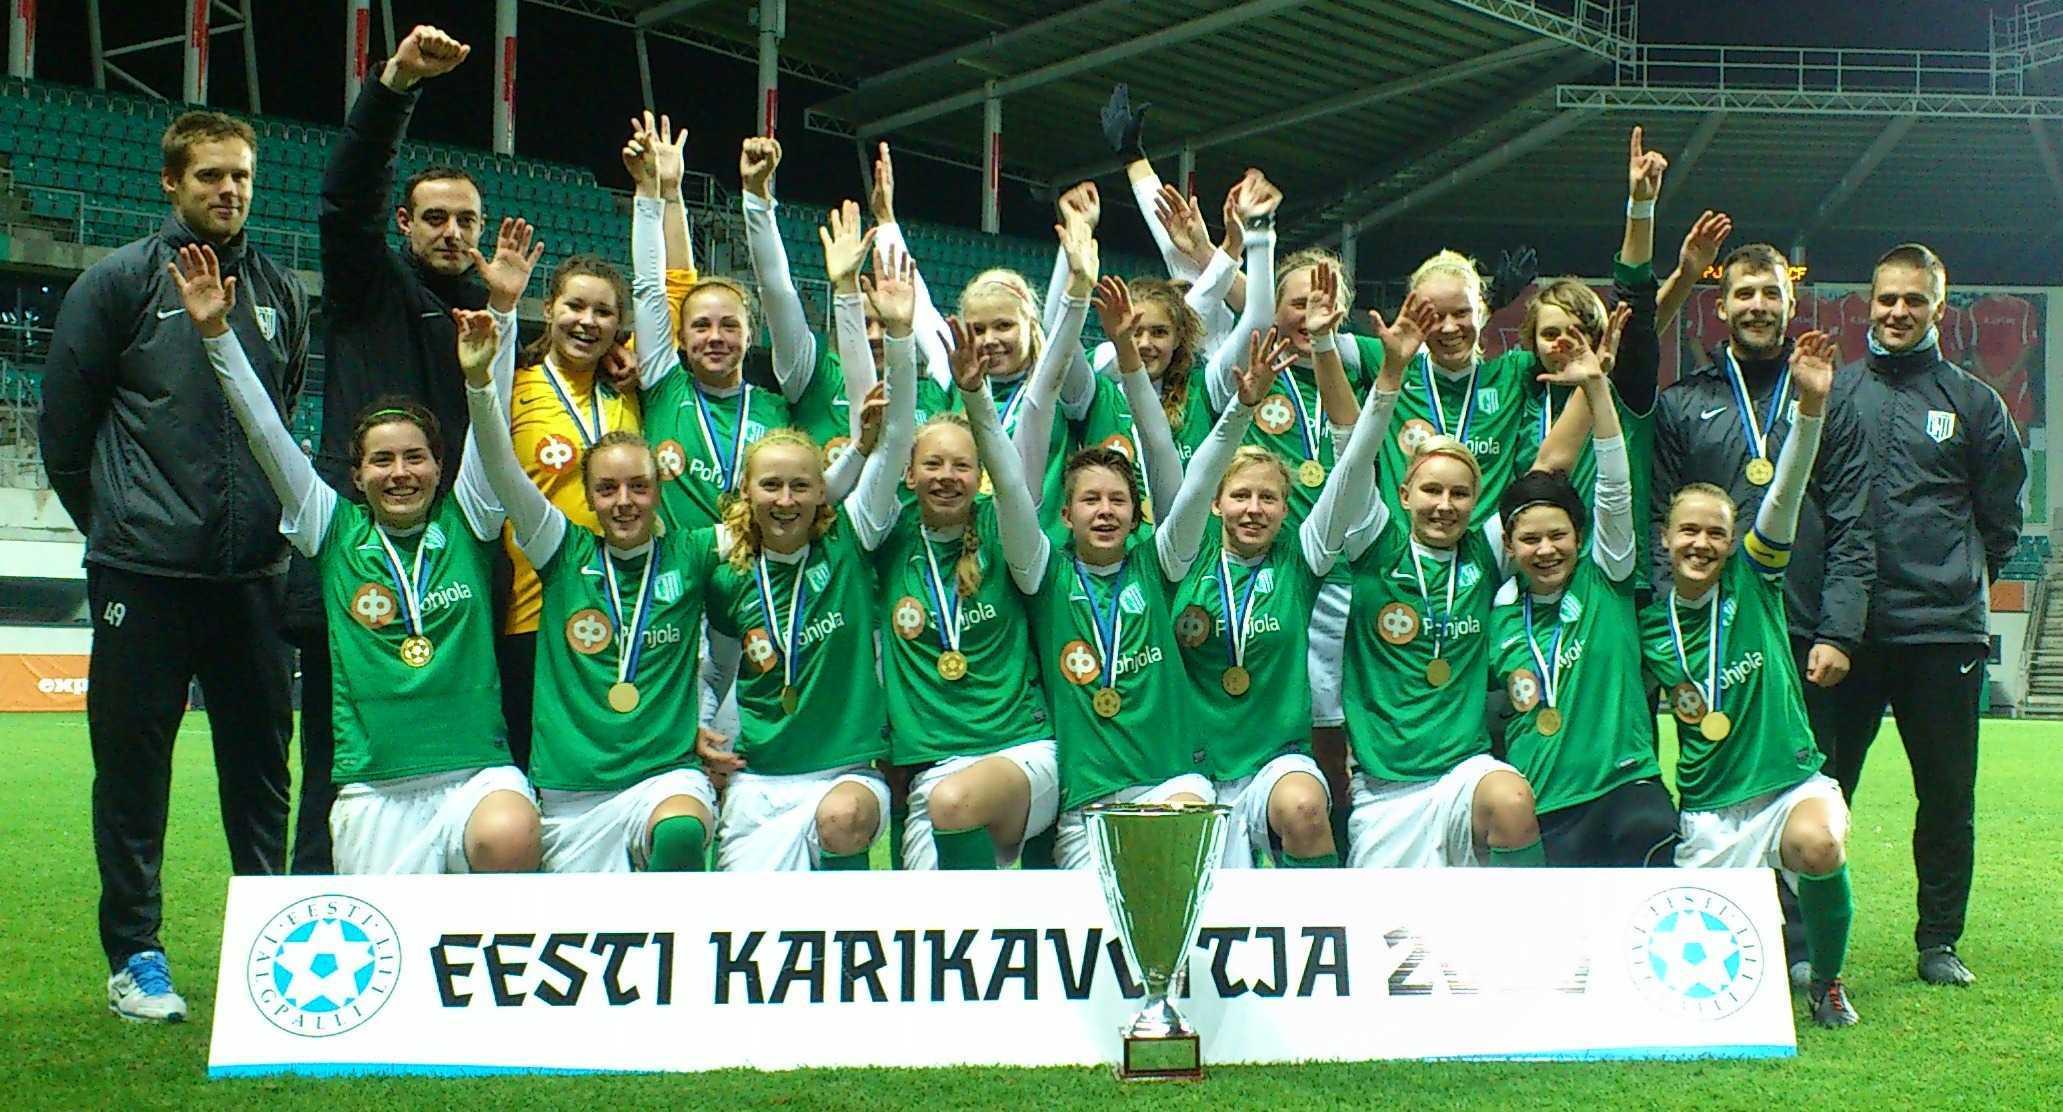 FC Flora naiskond Eesti karikavõitja 2013